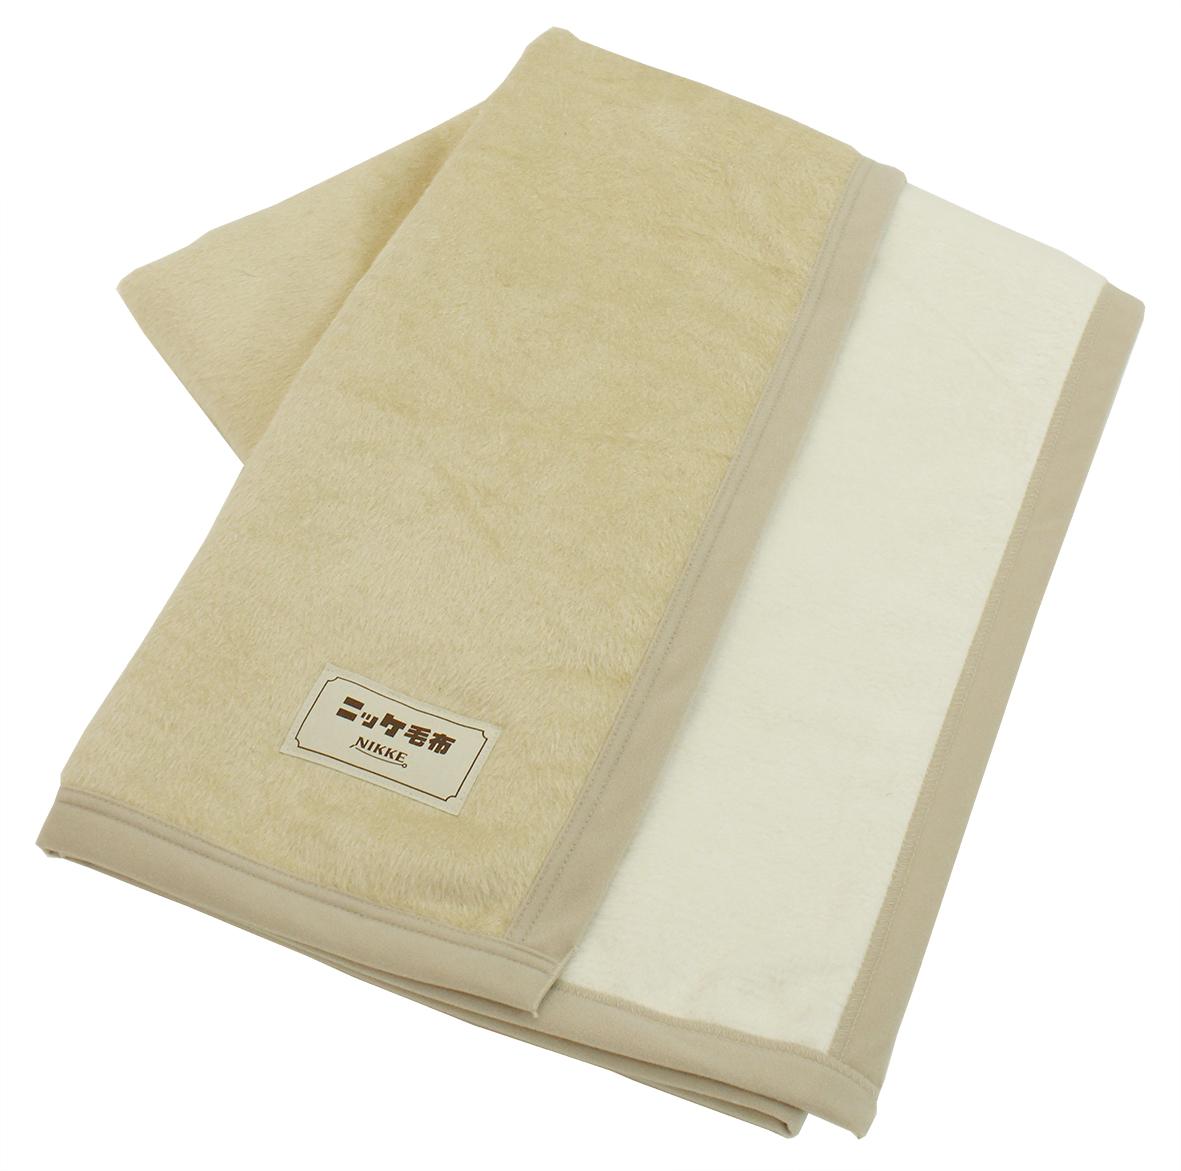 【送料無料!】日本製 ニッケ リバーシブル シルク&コットン毛布 SICO70002 シングルサイズ 140x200cm